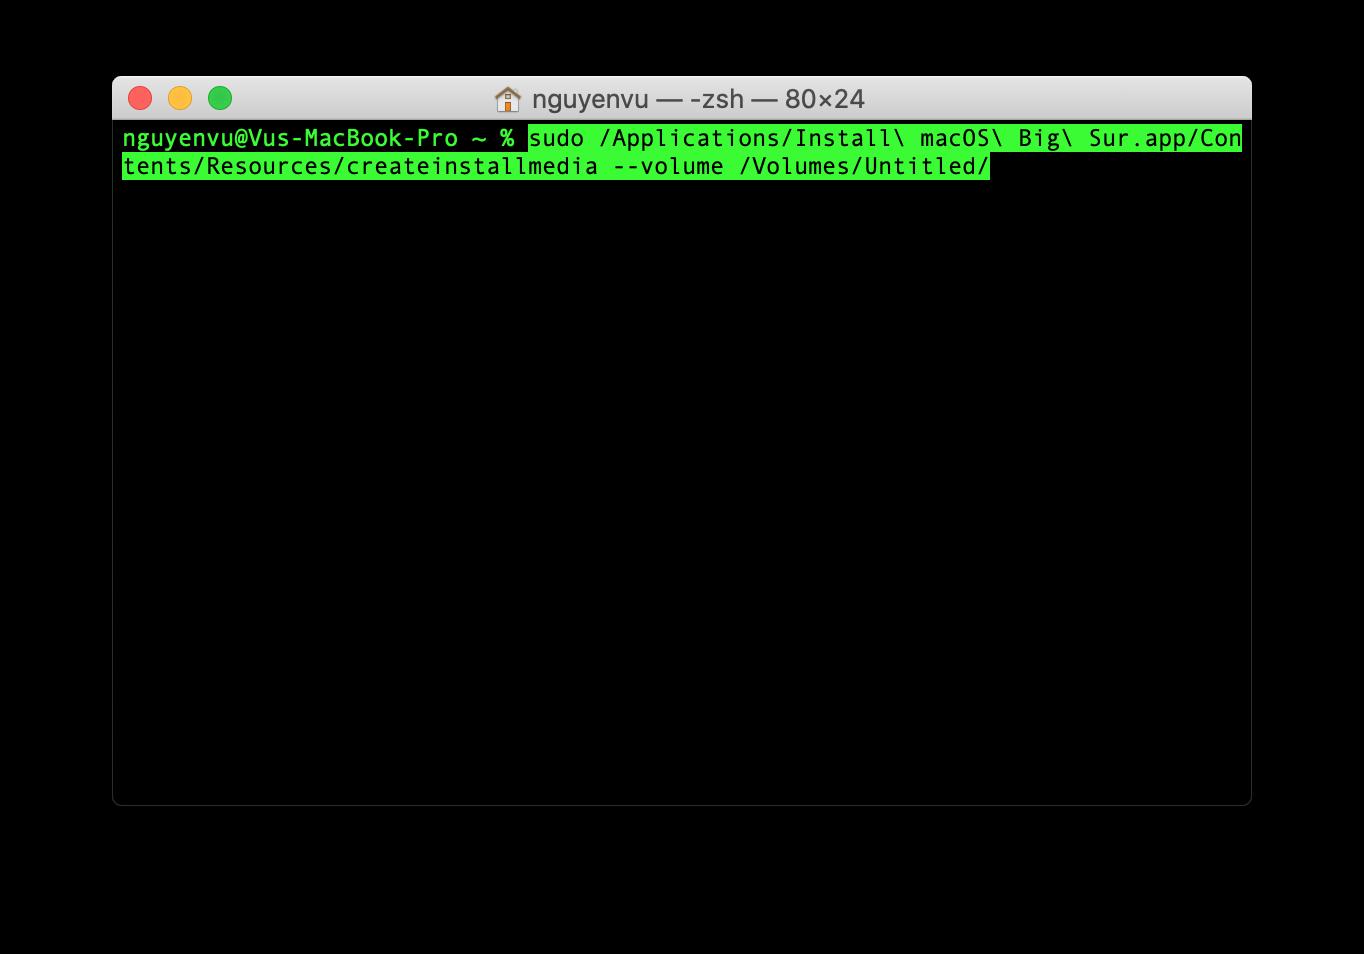 Tạo bộ cài USB macOS Big Sur